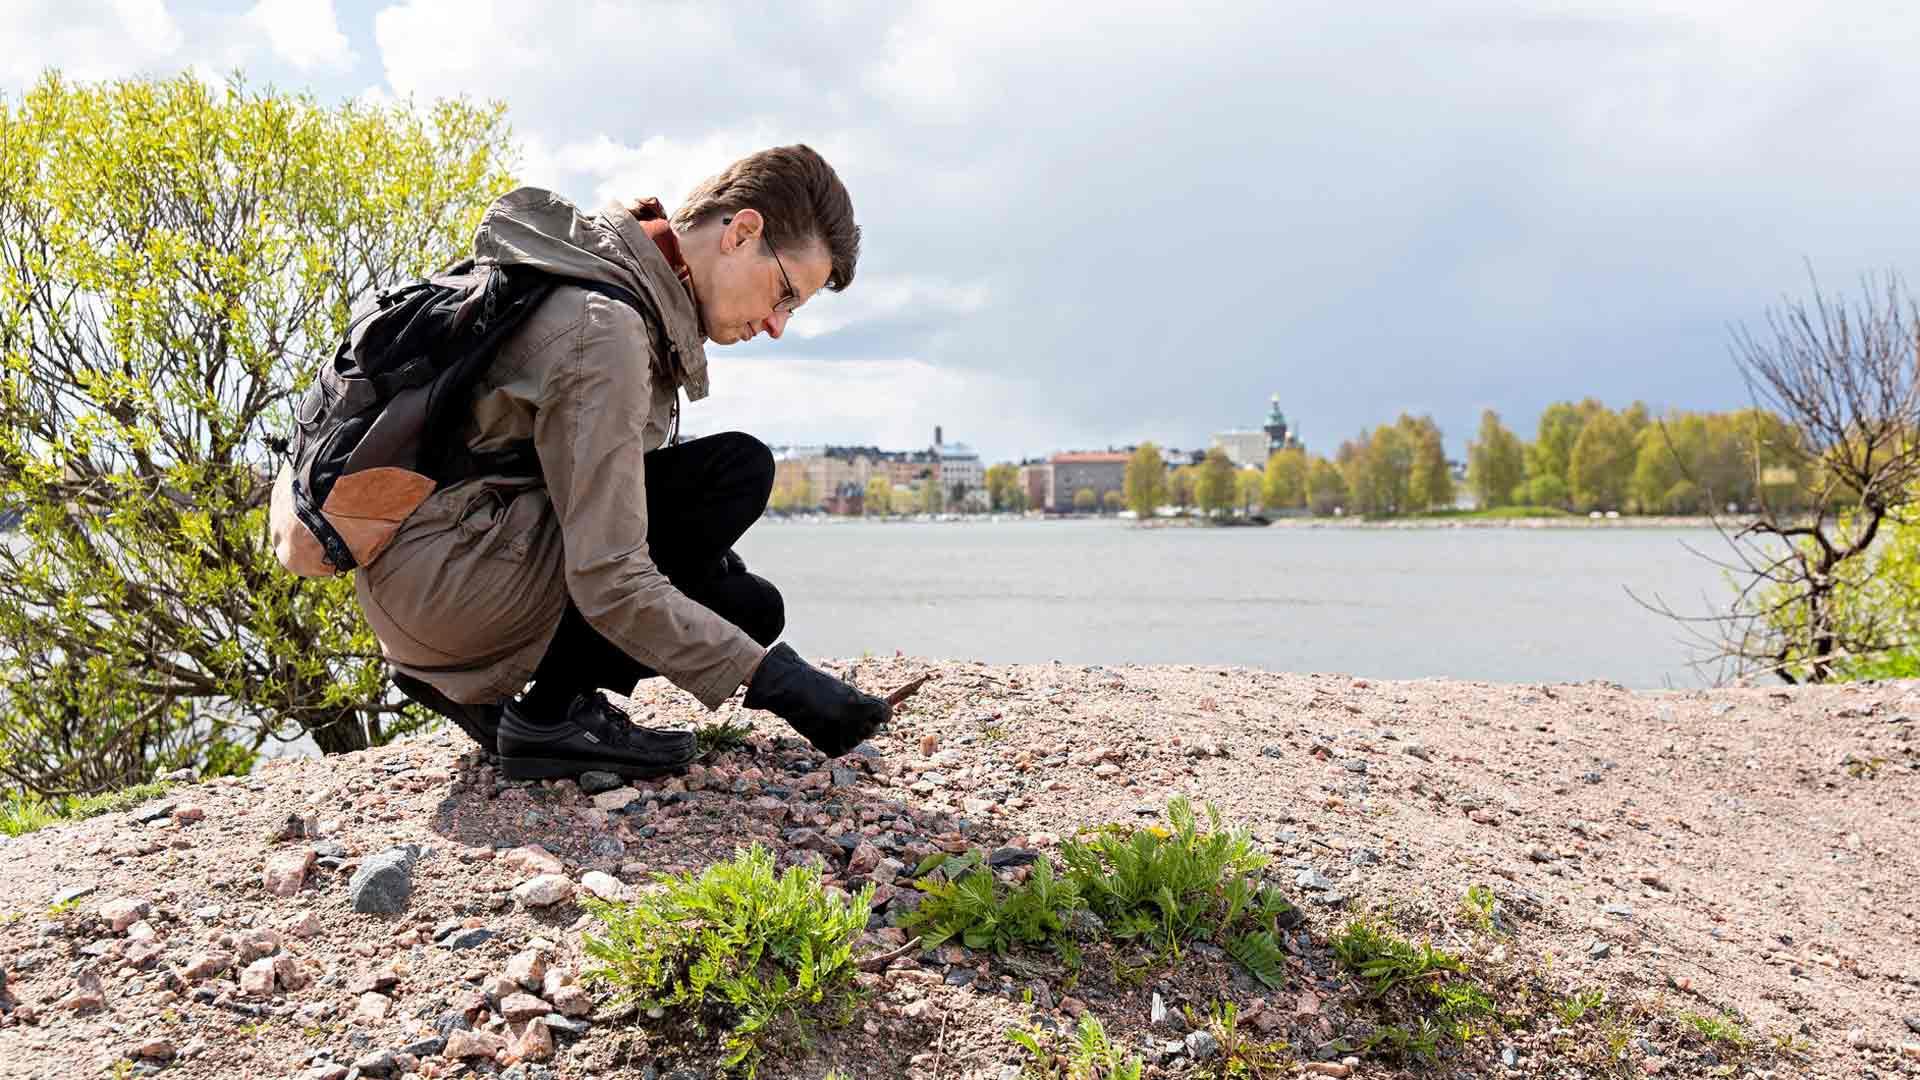 Maarit Verronen tutkii lähiympäristöään ja liikkuu paljon luonnossa kävellen. Niin hän on vapaa monista rajoituksista.